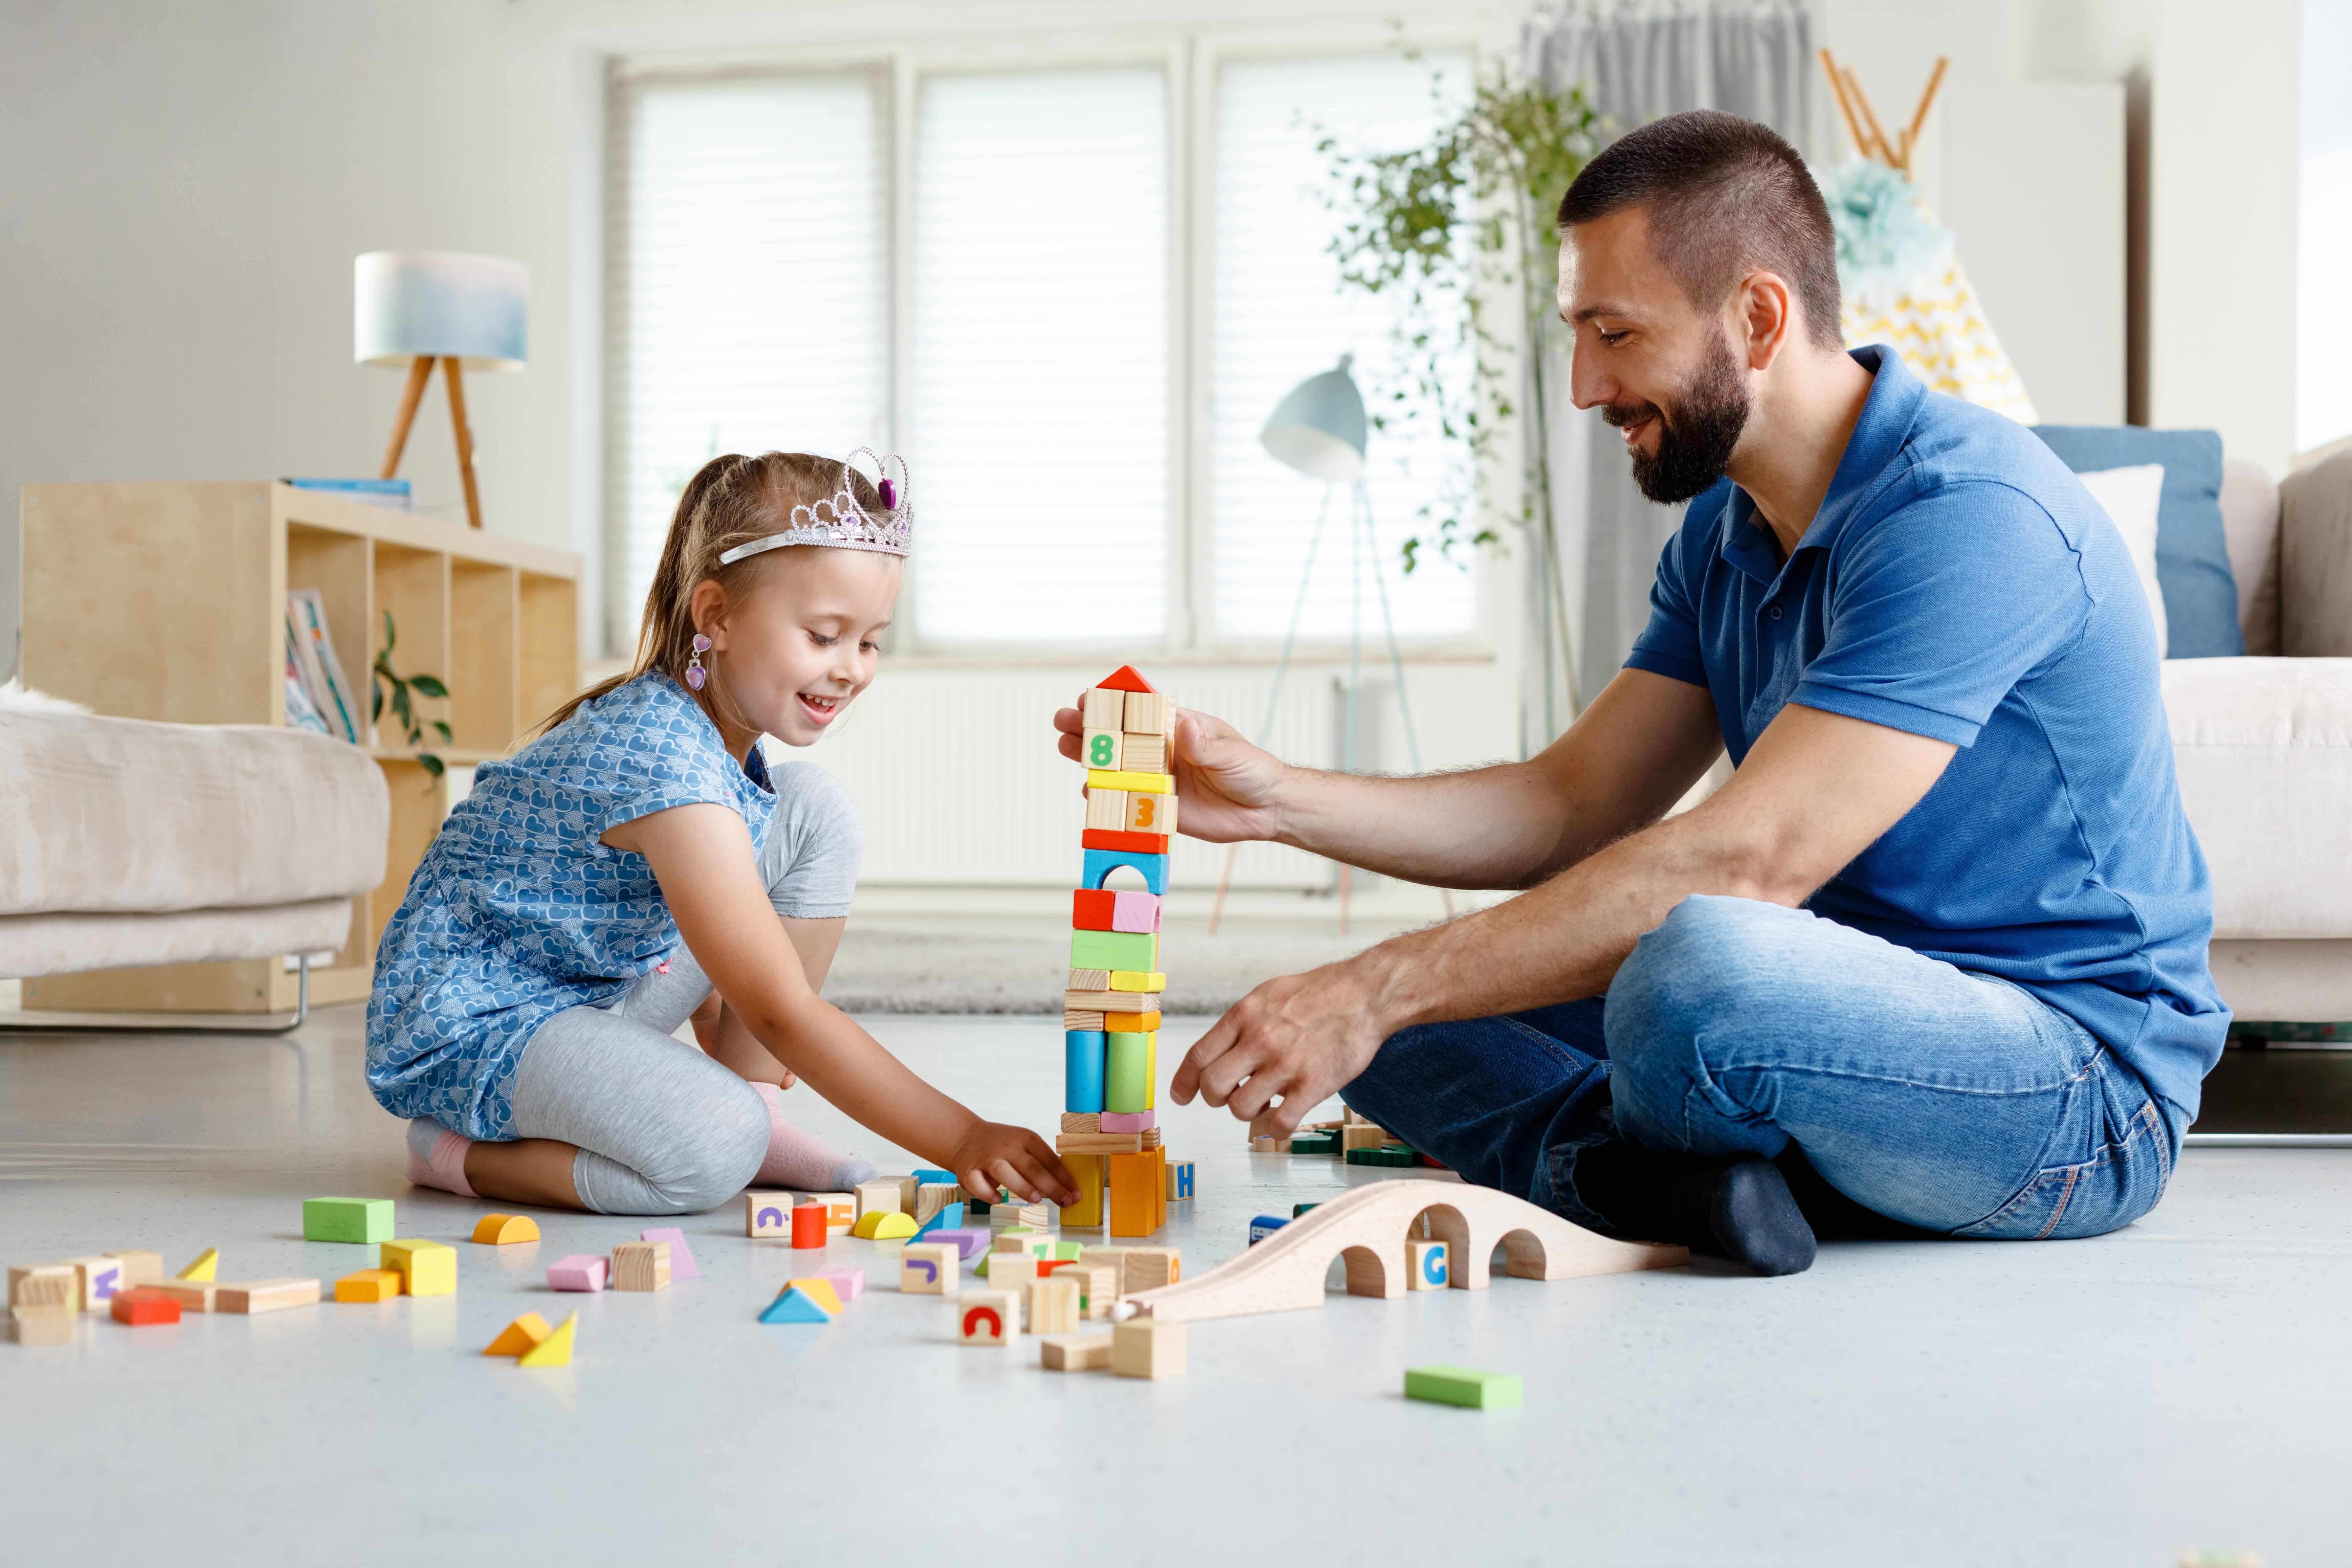 Padre e figlia giocano sereni con le costruzioni